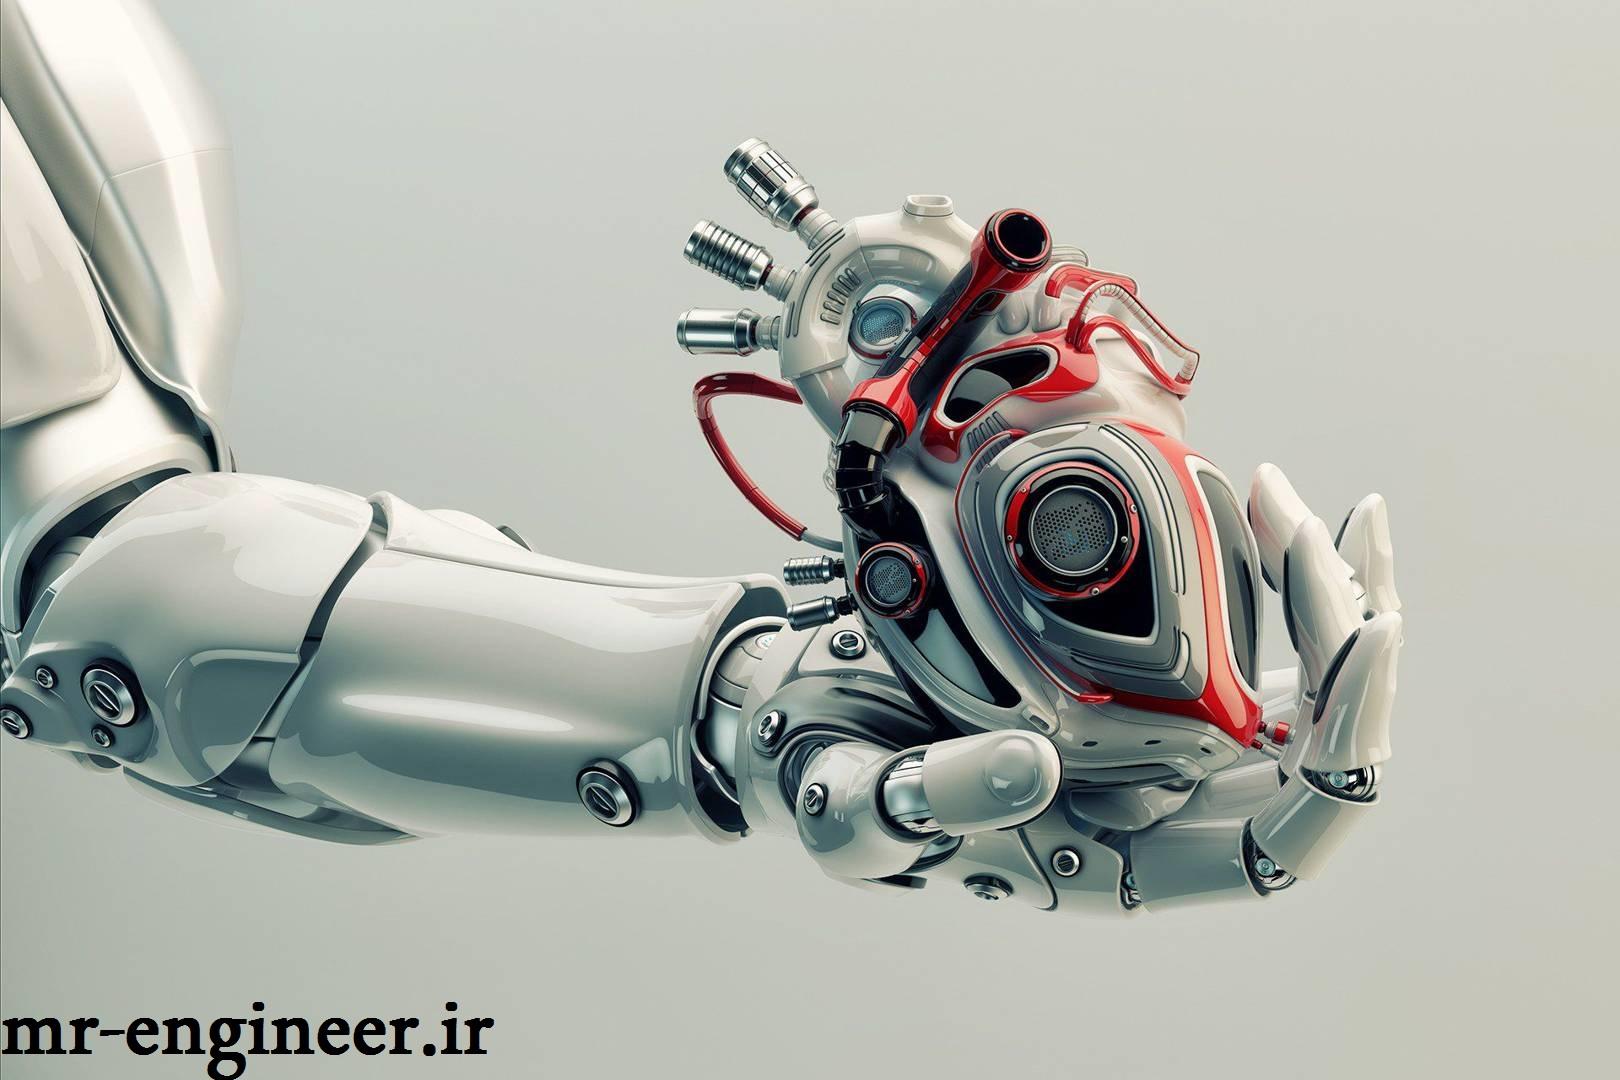 معرفی رشته تحصیلی مهندسی پزشکی